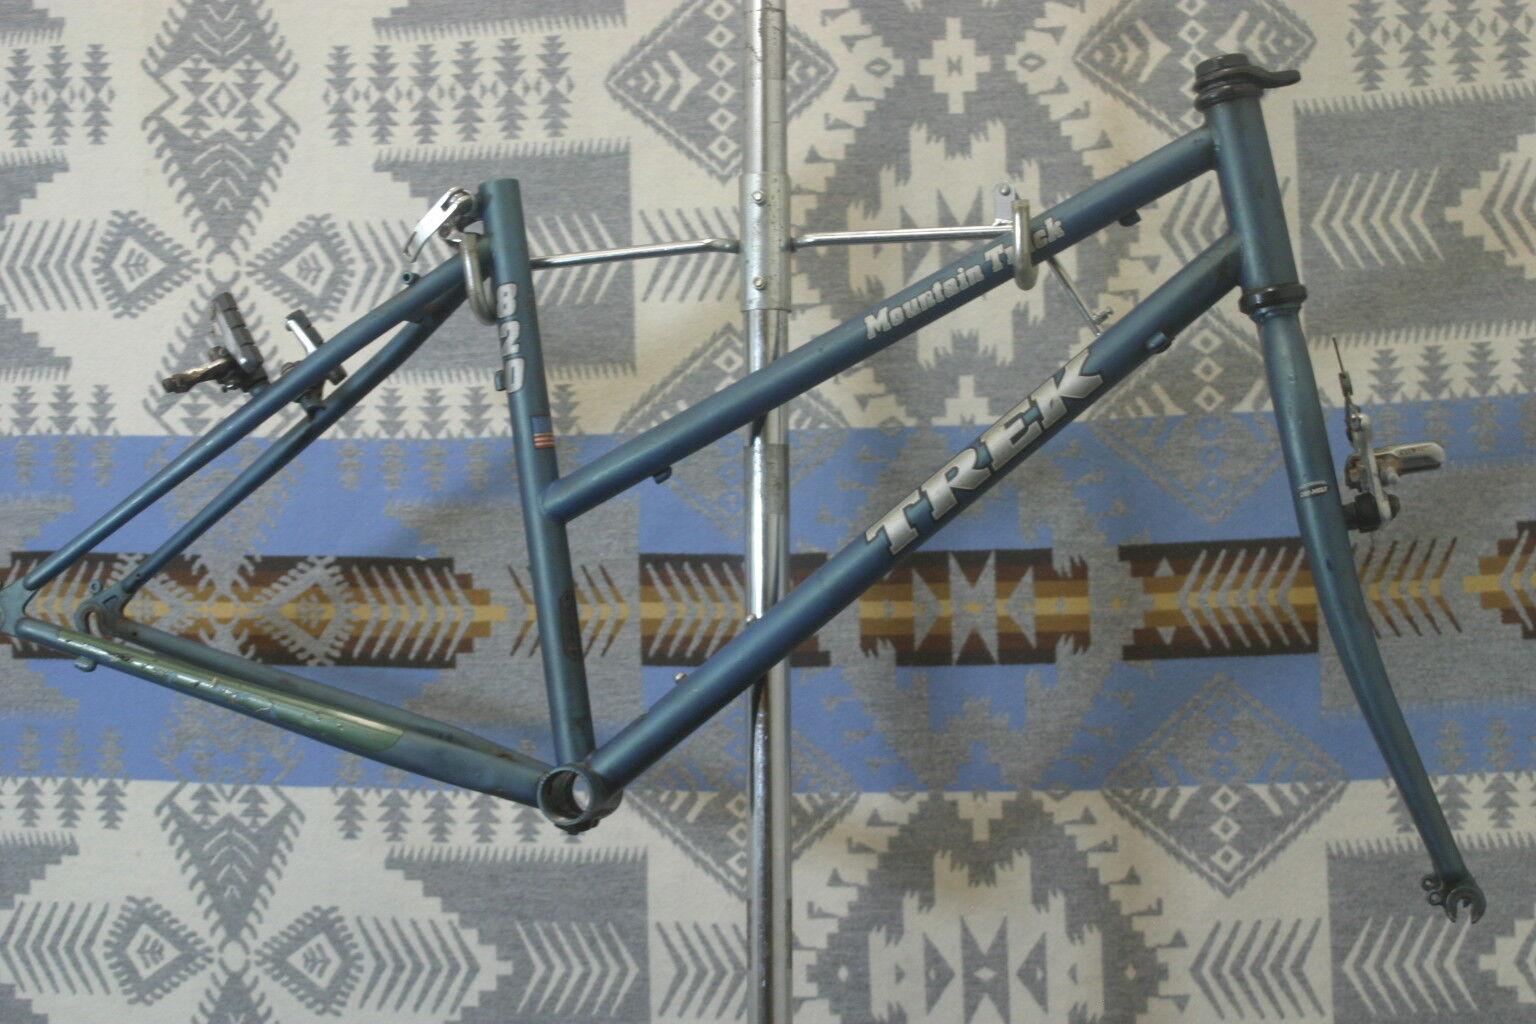 Trek 820 Usa Made Vintage Cuadro para Bicicleta de montaña bicicleta de montaña 26  27.5  650b STX RC obras benéficas.